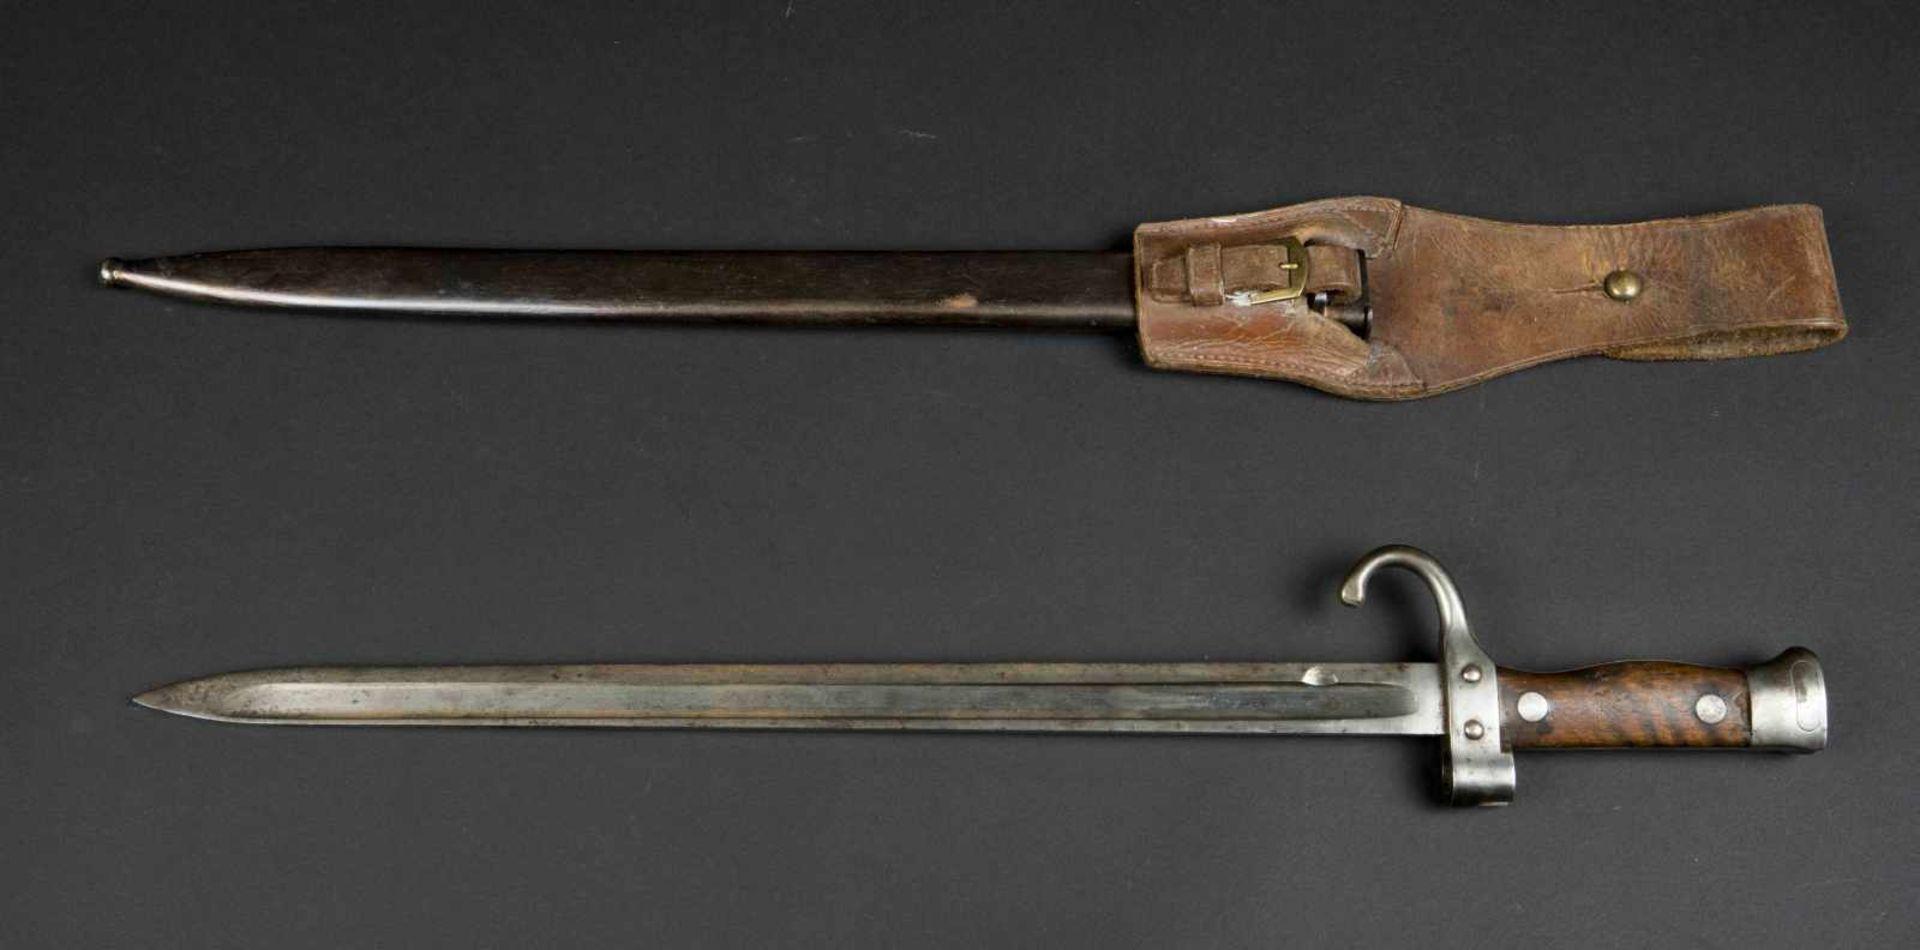 Lot de deux baïonnettes modèle 1892 pour mousqueton bon état et état moyen, porte-épées modèle